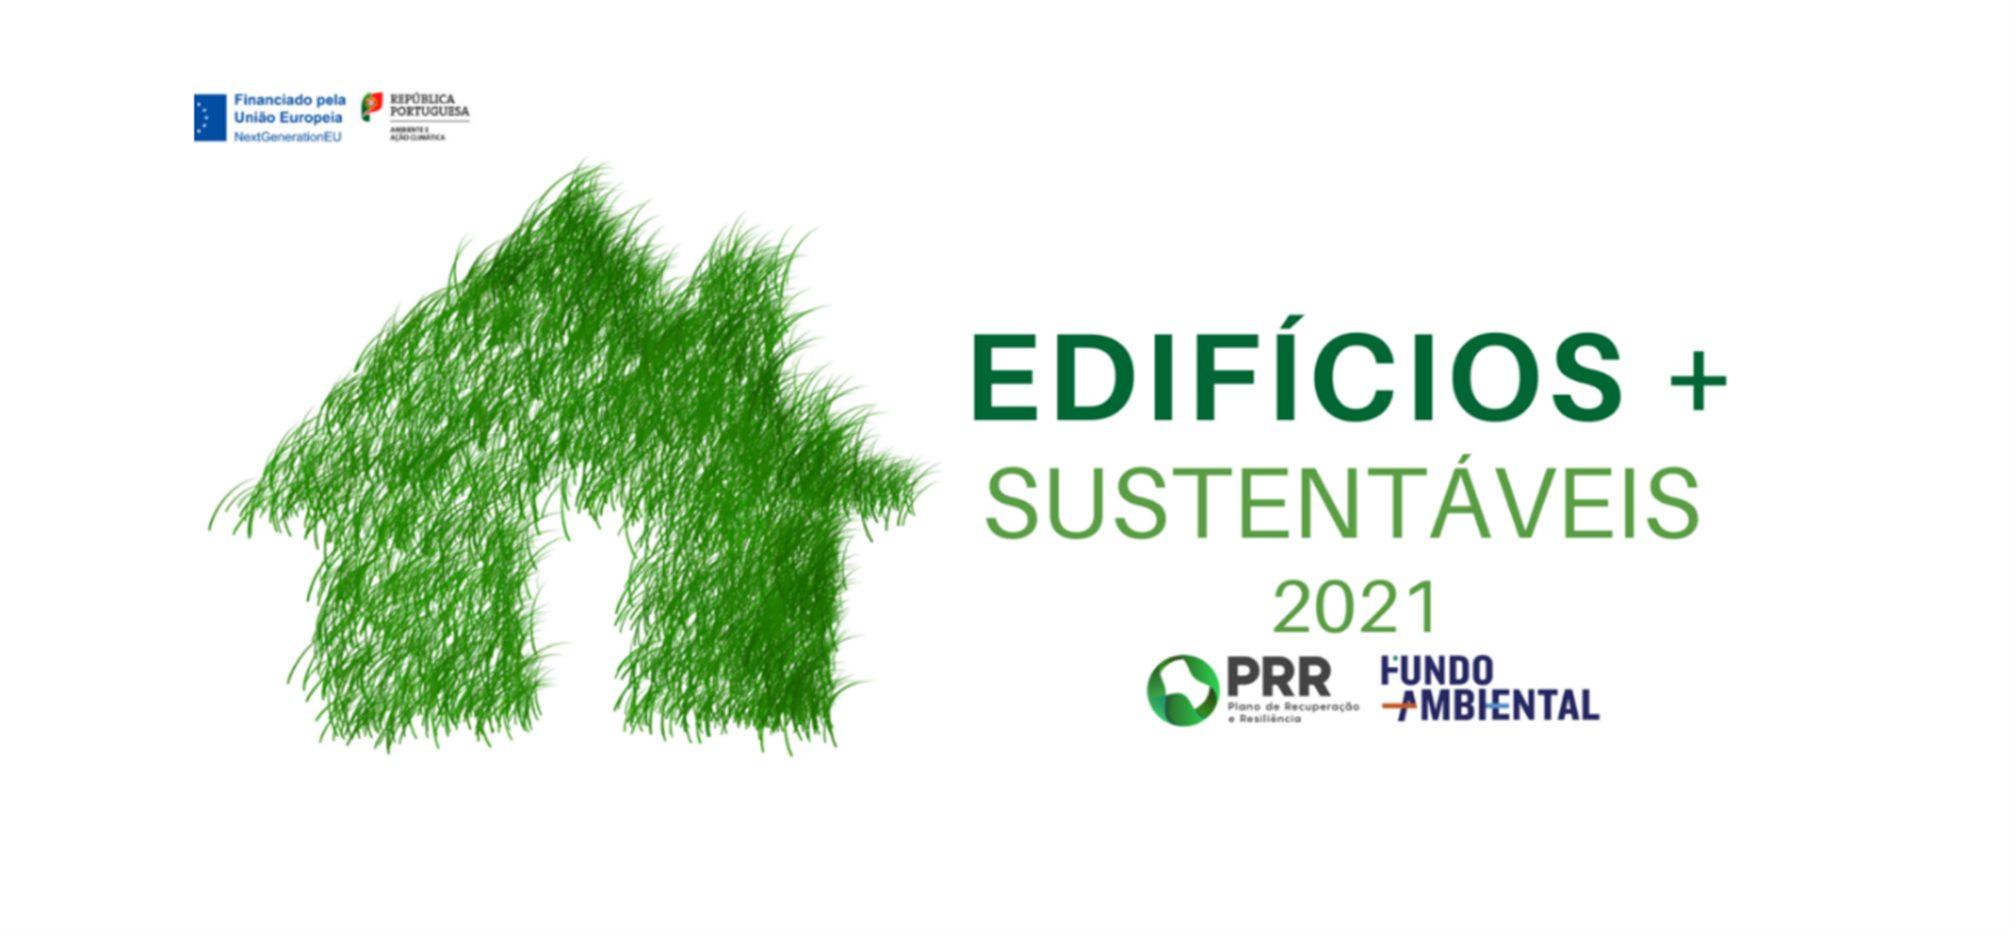 Edifícios + Sustentáveis